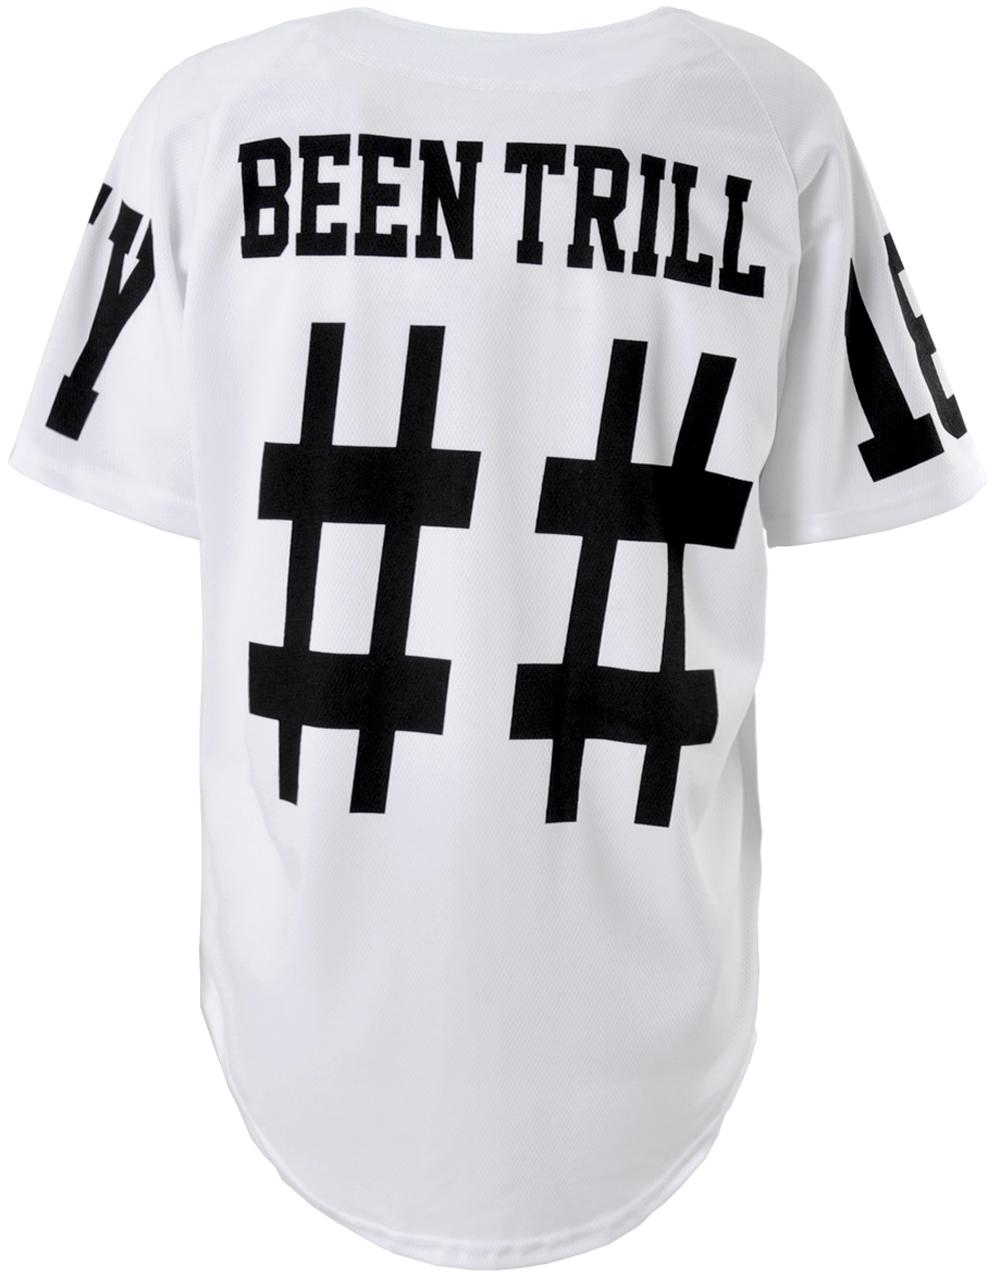 Been Trill Baseball Jersey